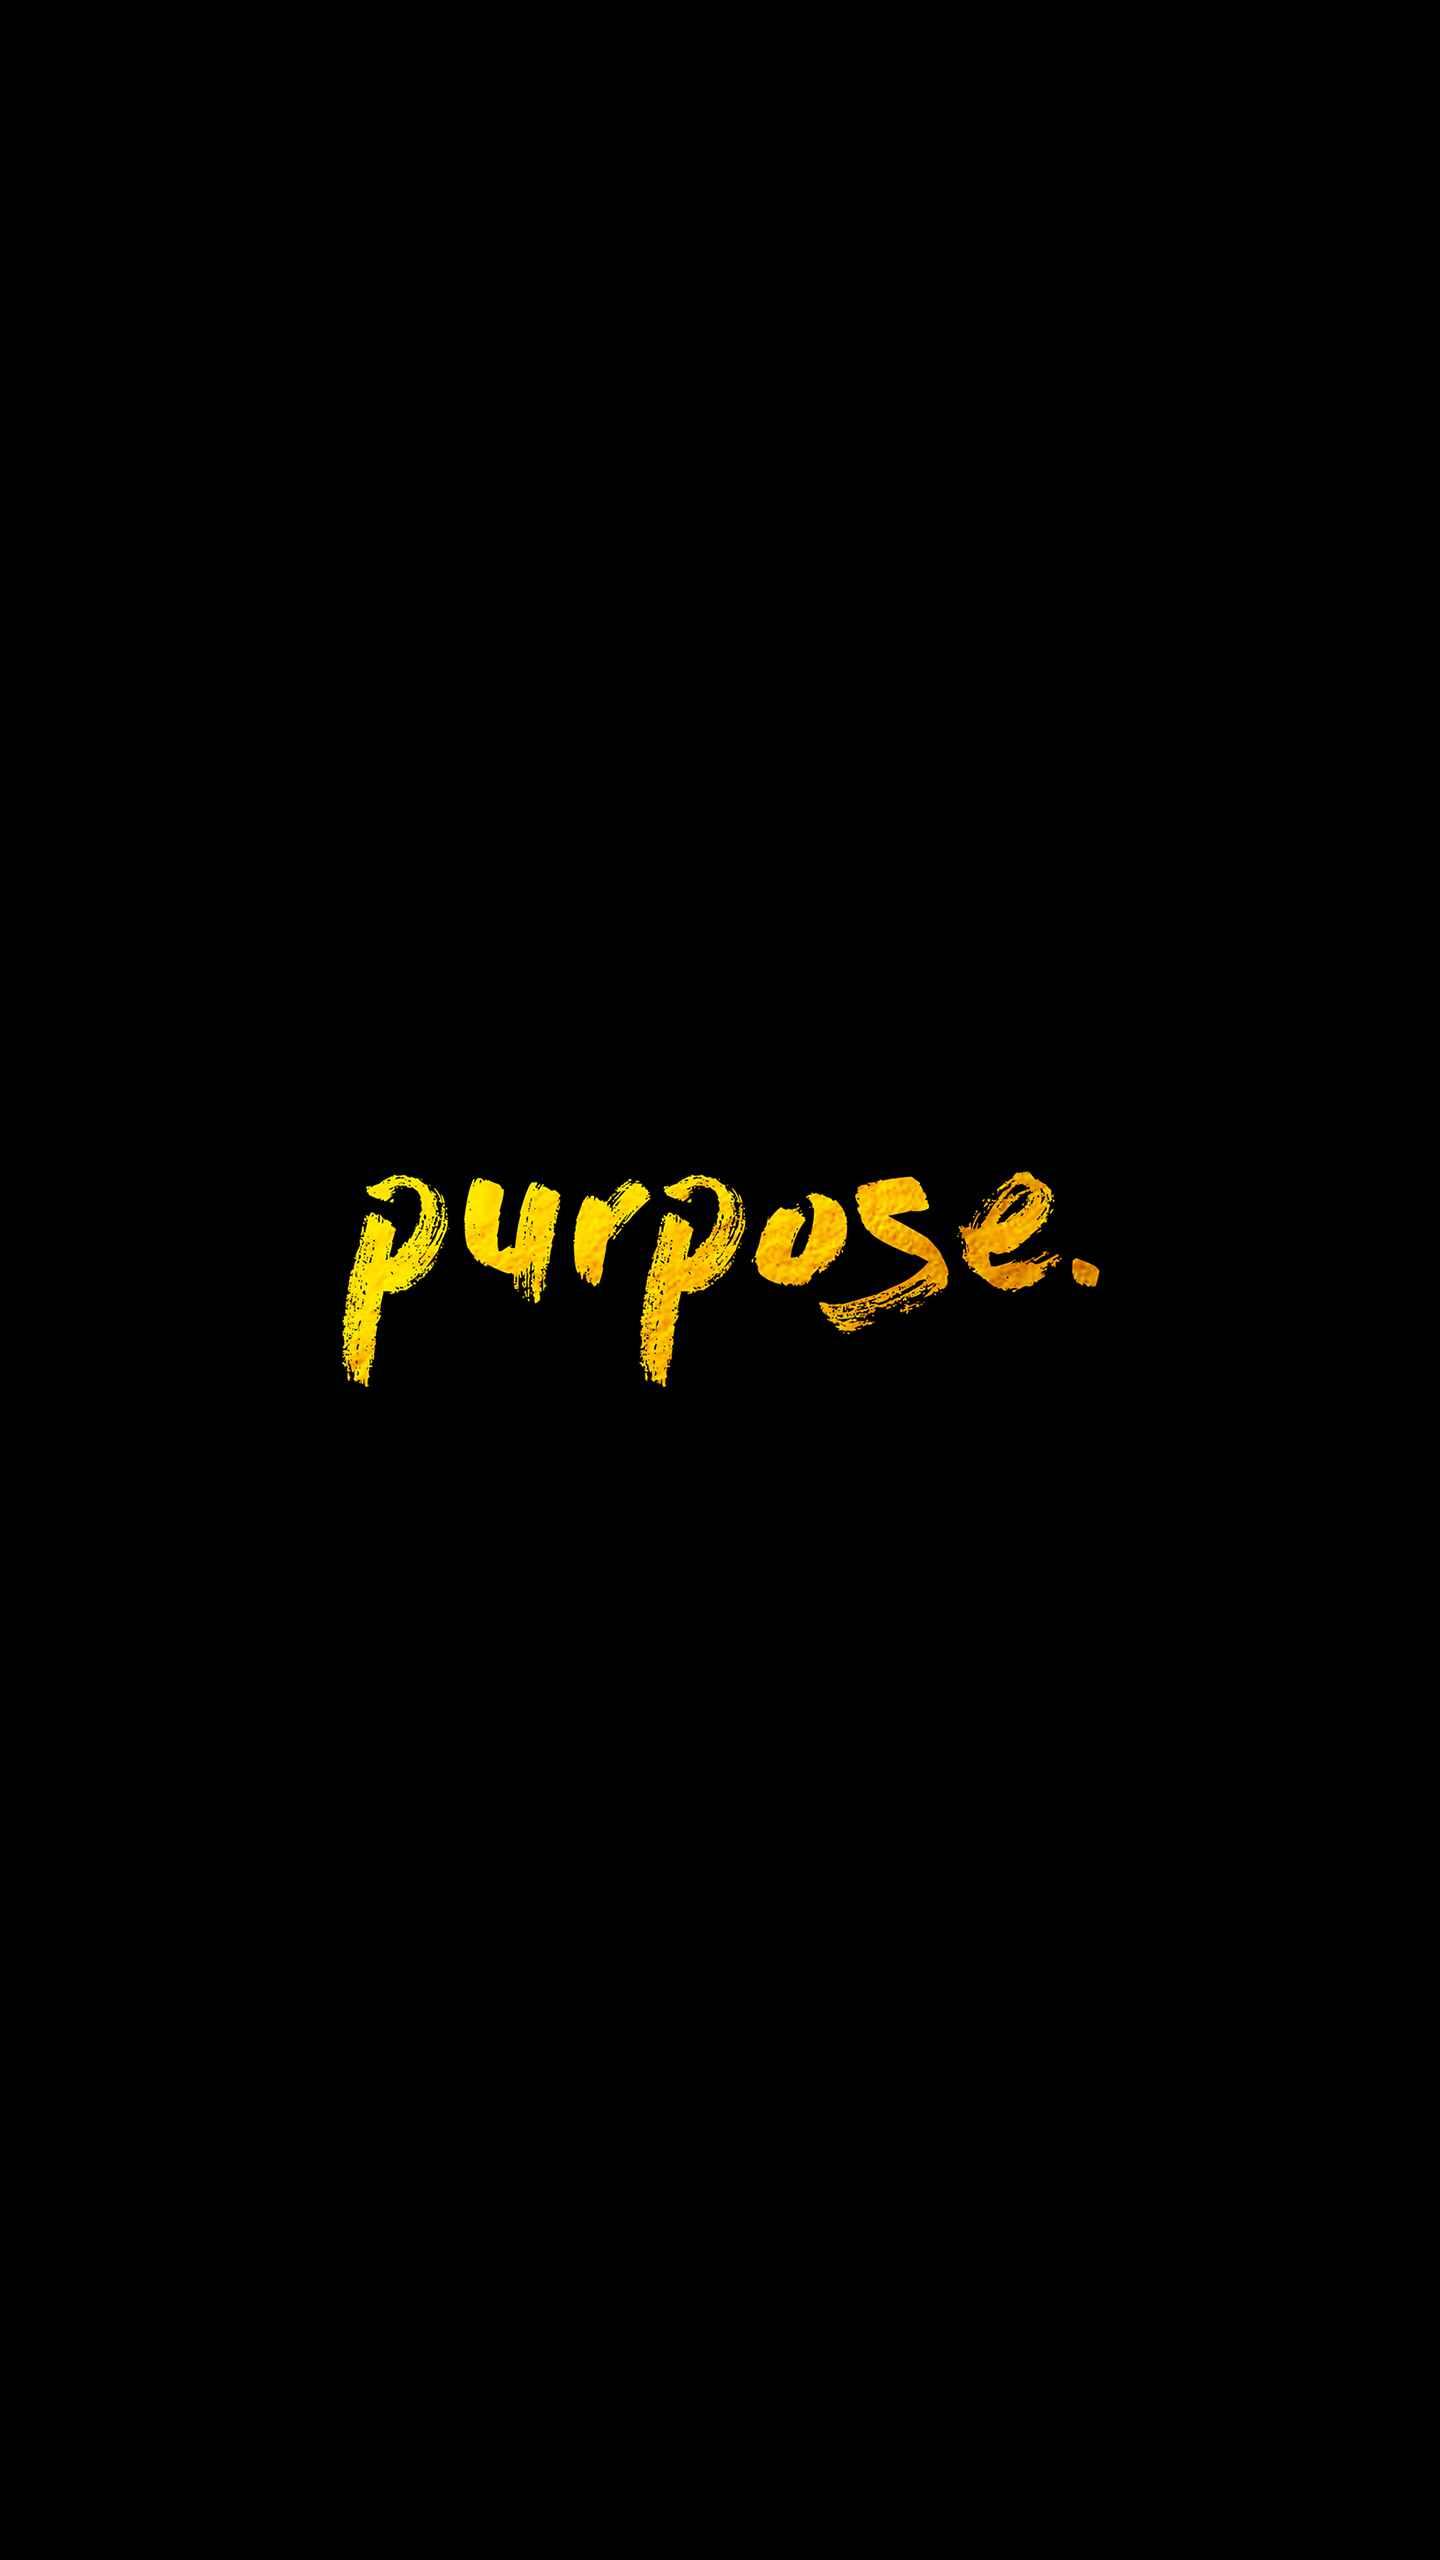 Purpose iPhone Wallpaper